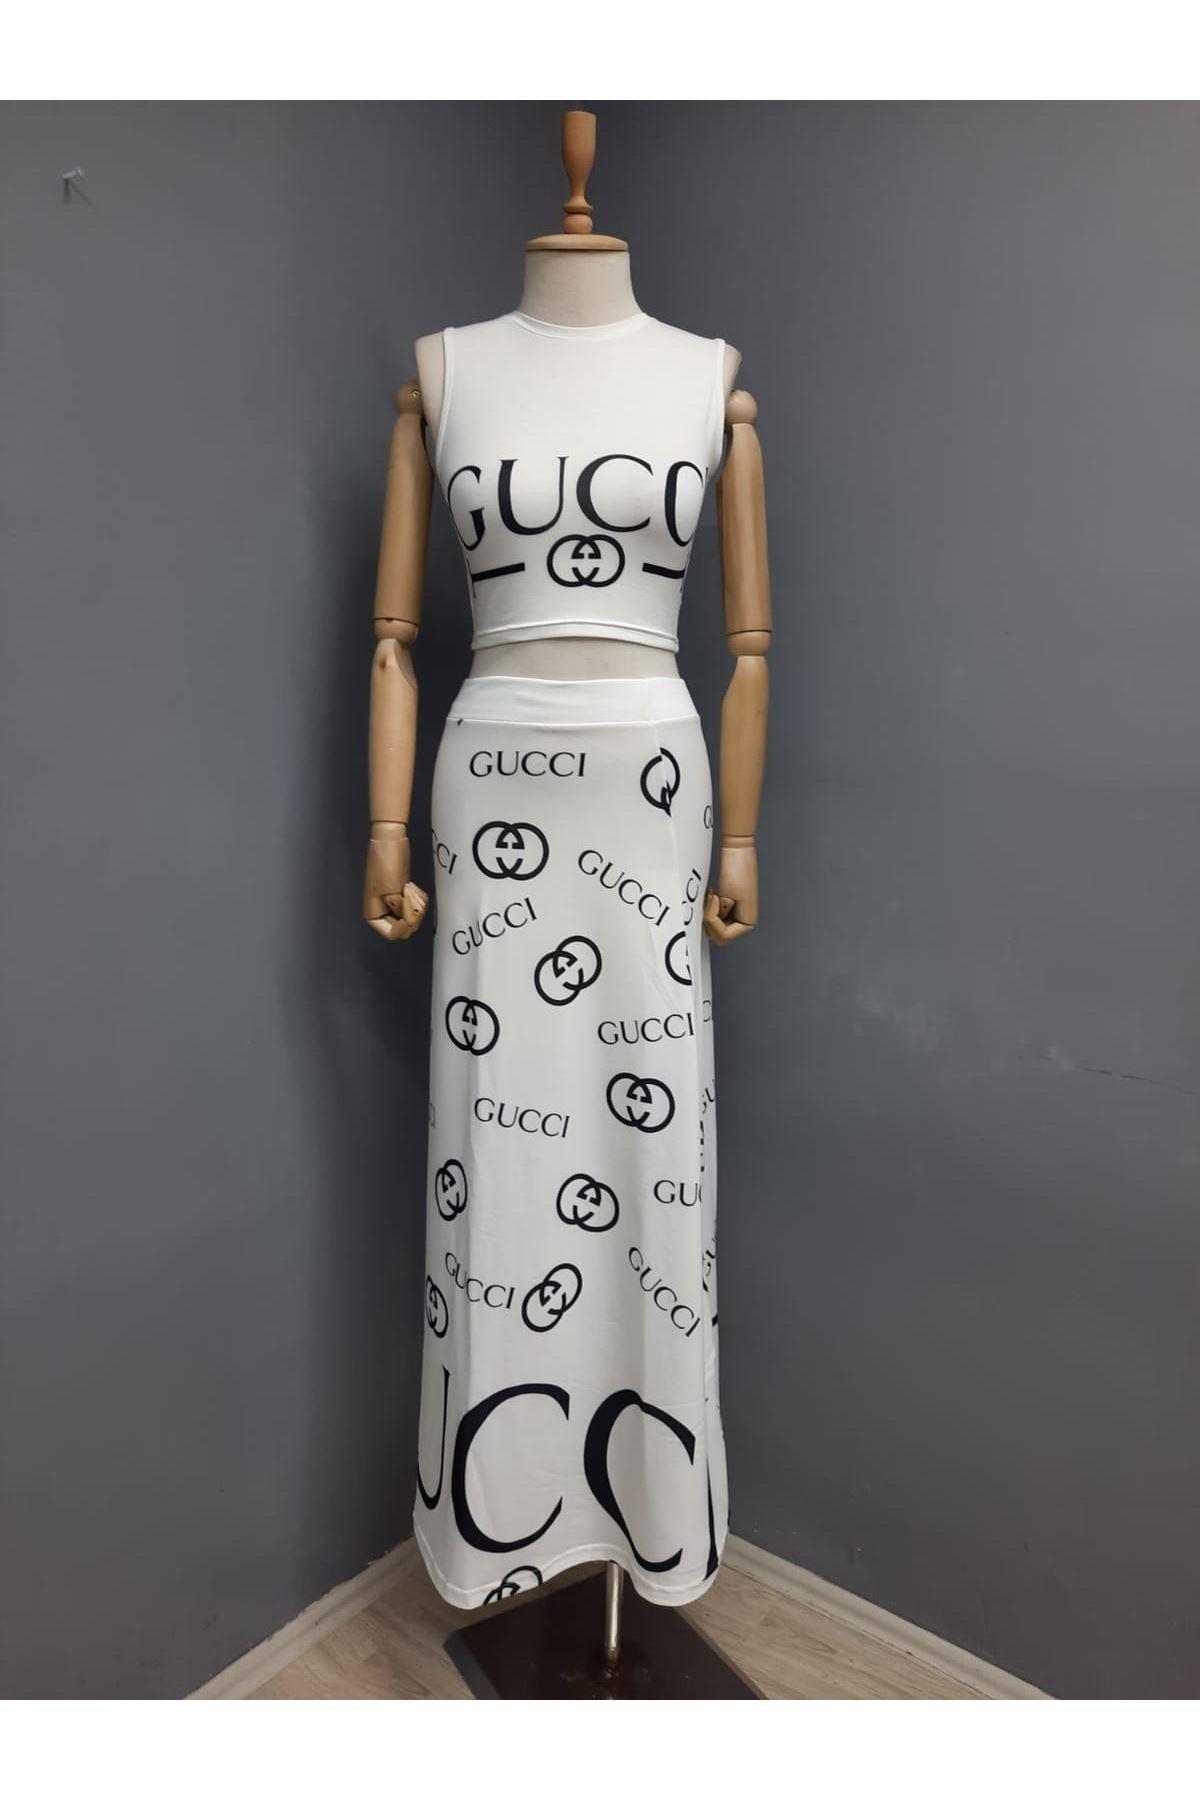 GUCC Model İki iplik Takım - BEYAZ